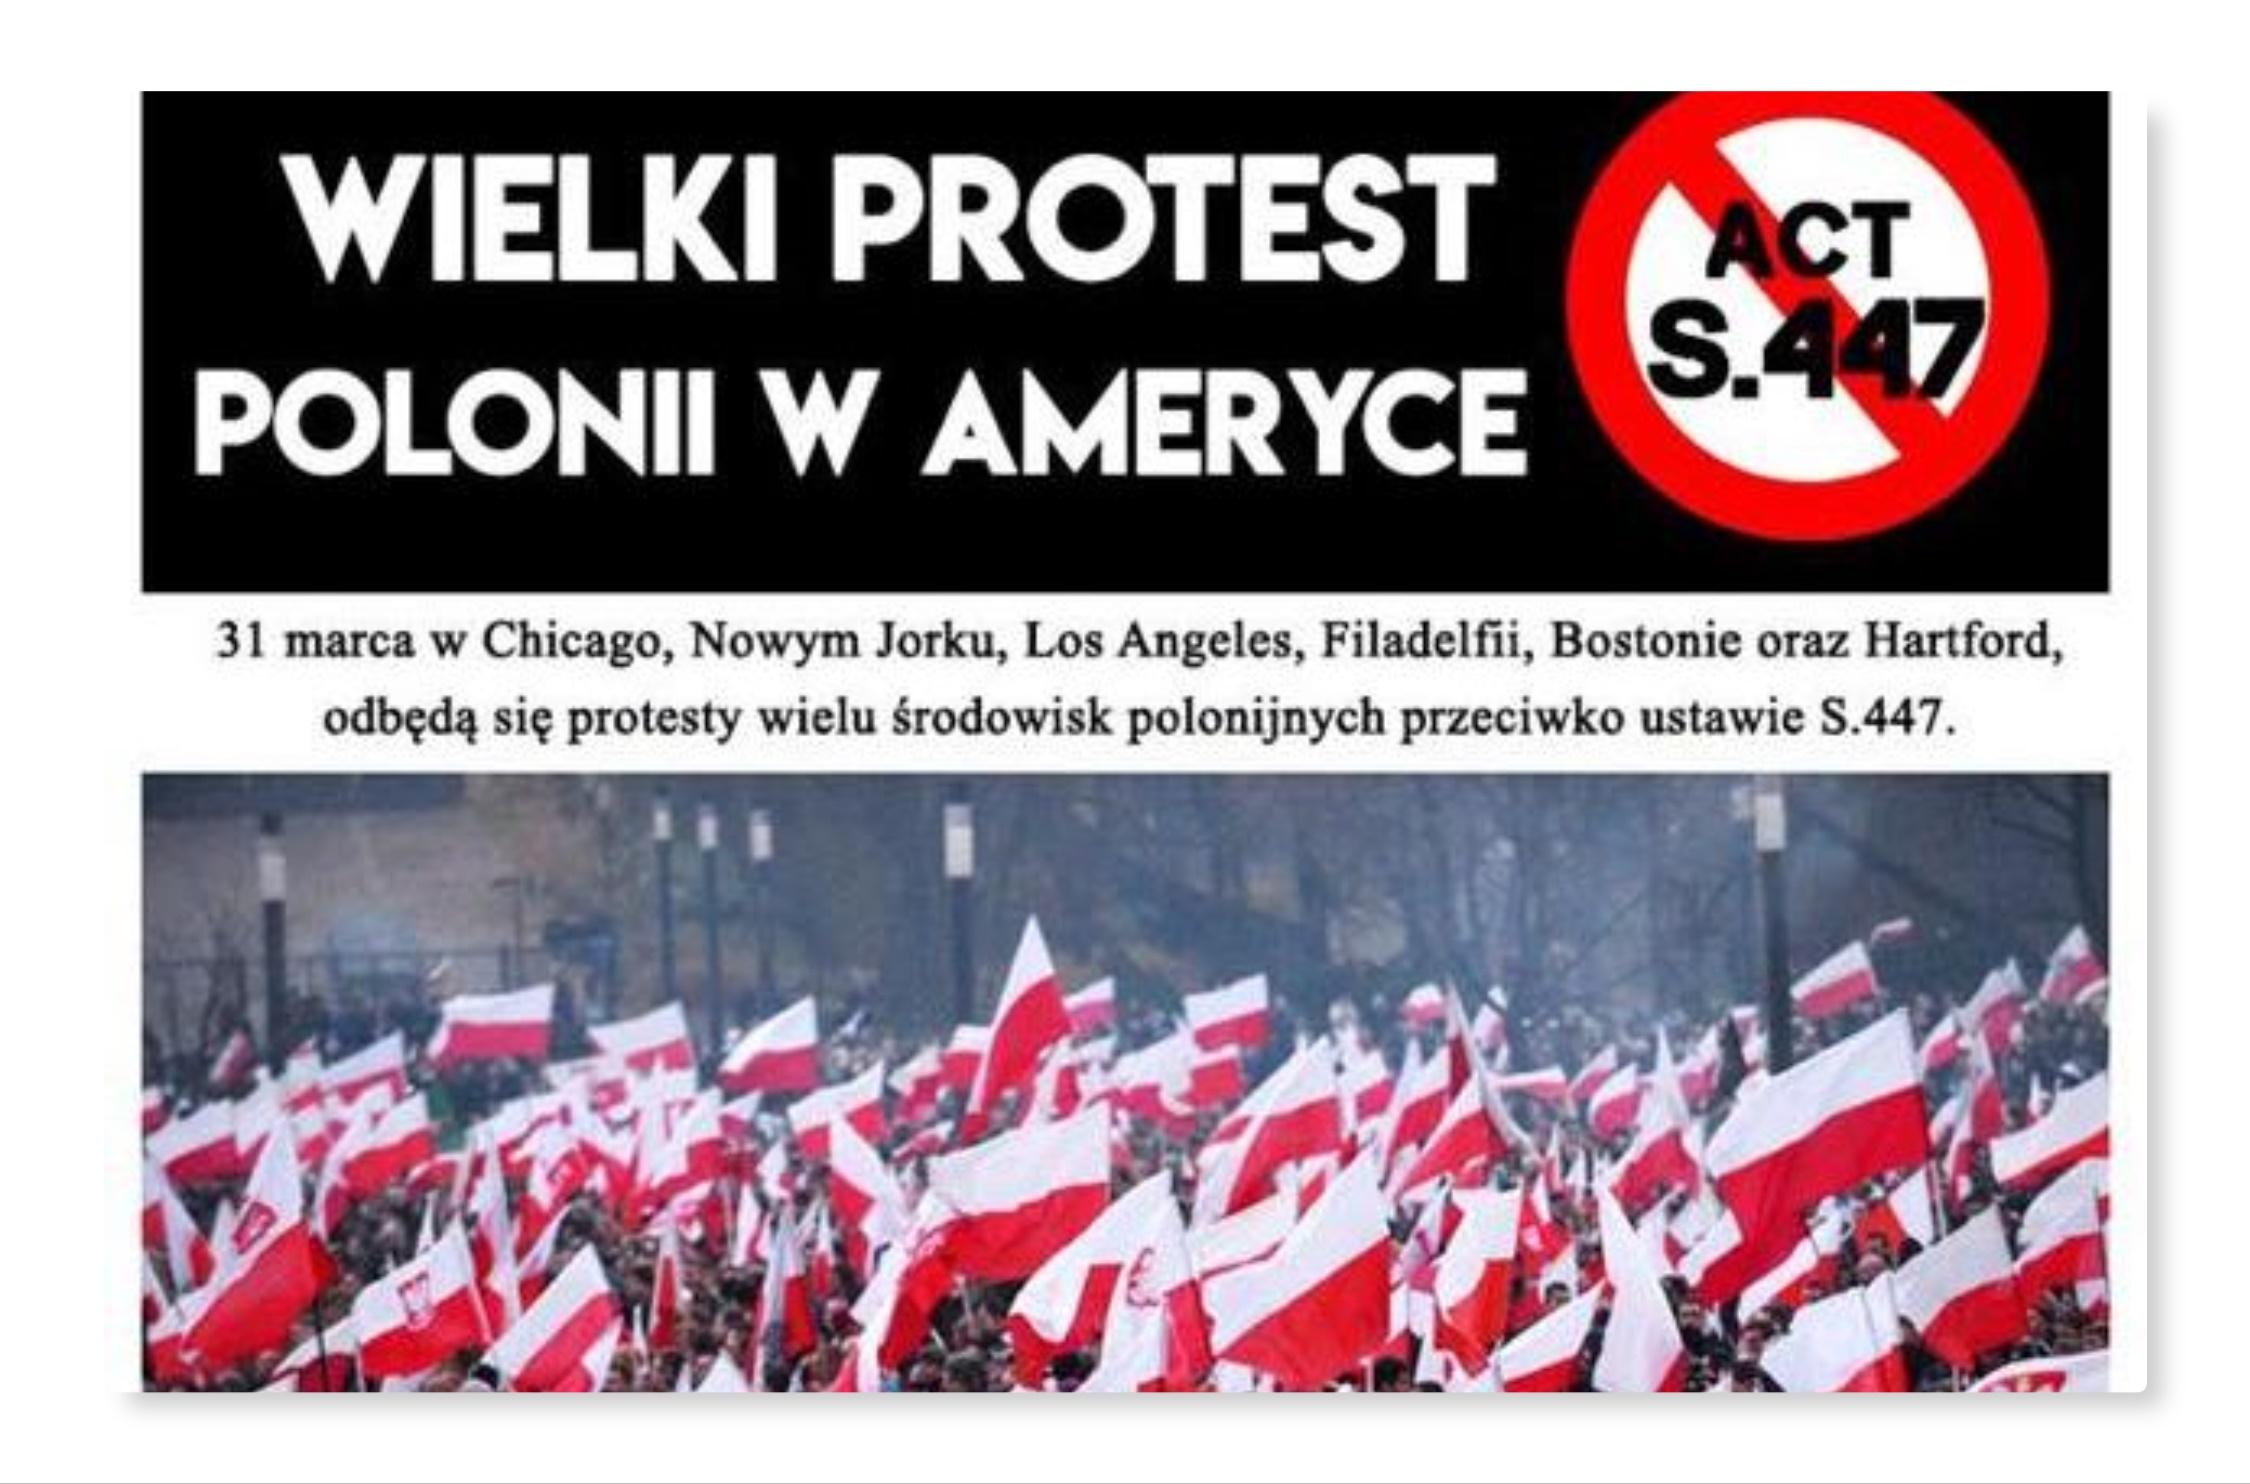 O TYM MEDIA NAS NIE INFORMUJĄ! AMERYKAŃSKA POLONIA ORGANIZUJE WIELKI PROTEST W SPRAWIE ACT447 JUST